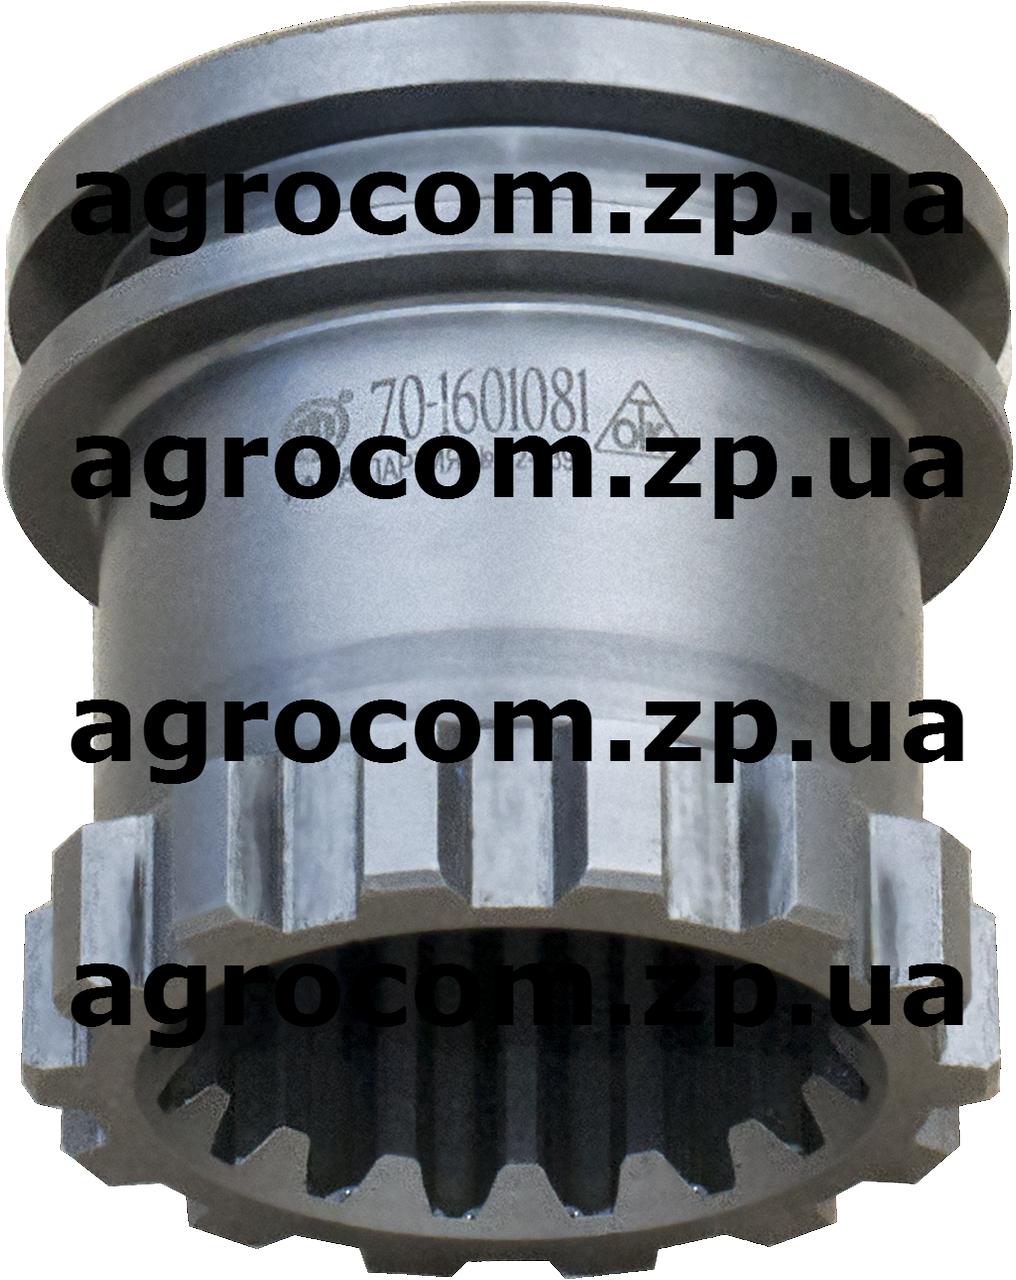 Муфта соединительная МТЗ-80, Д-240